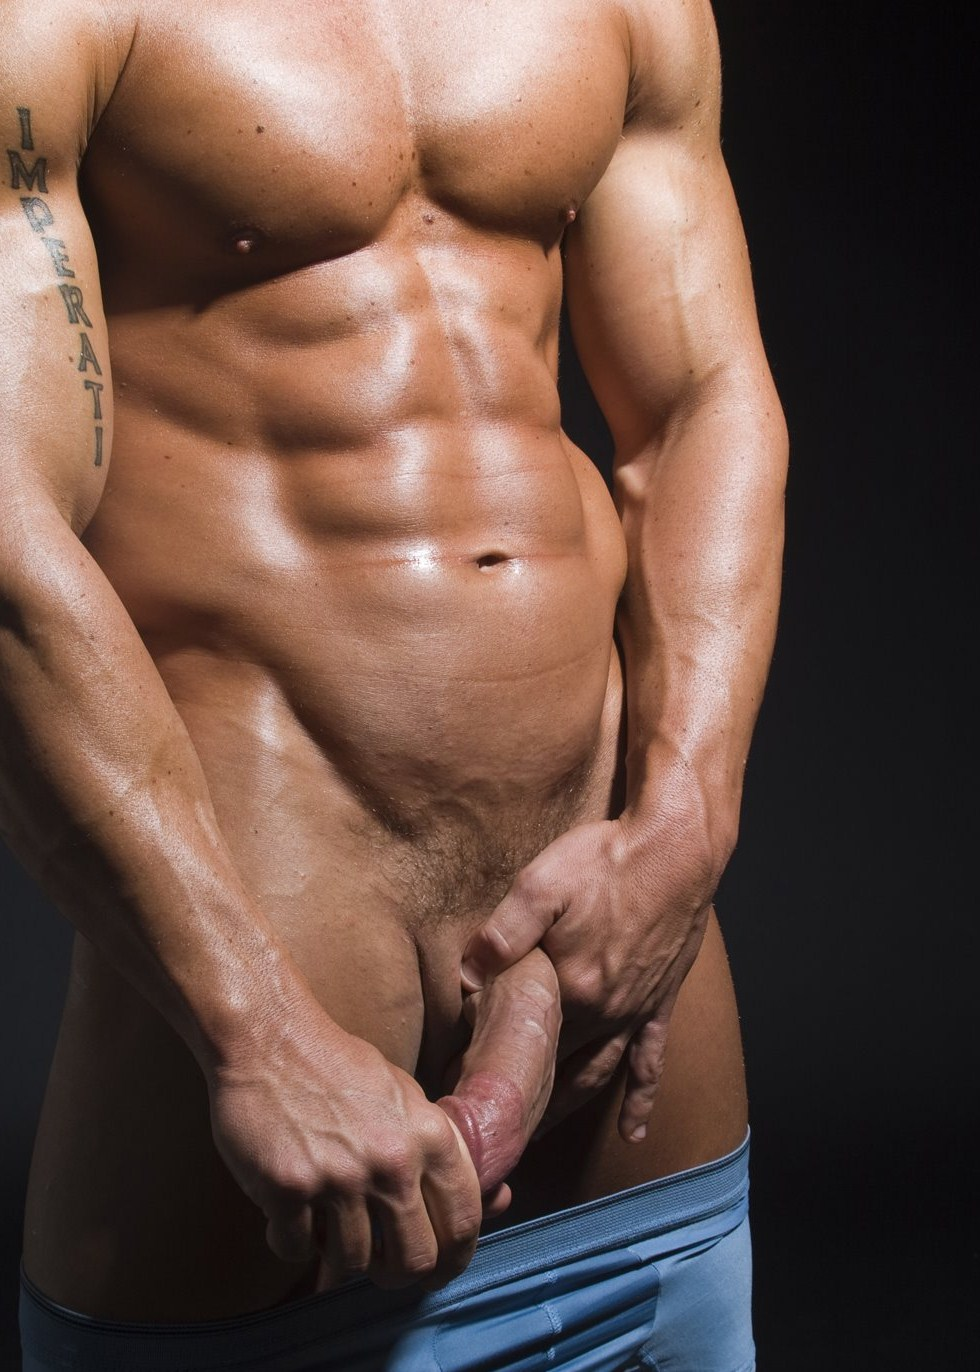 эротика красивое голые тела с красивым членом пацанов фото продолжил ласкать пальцем